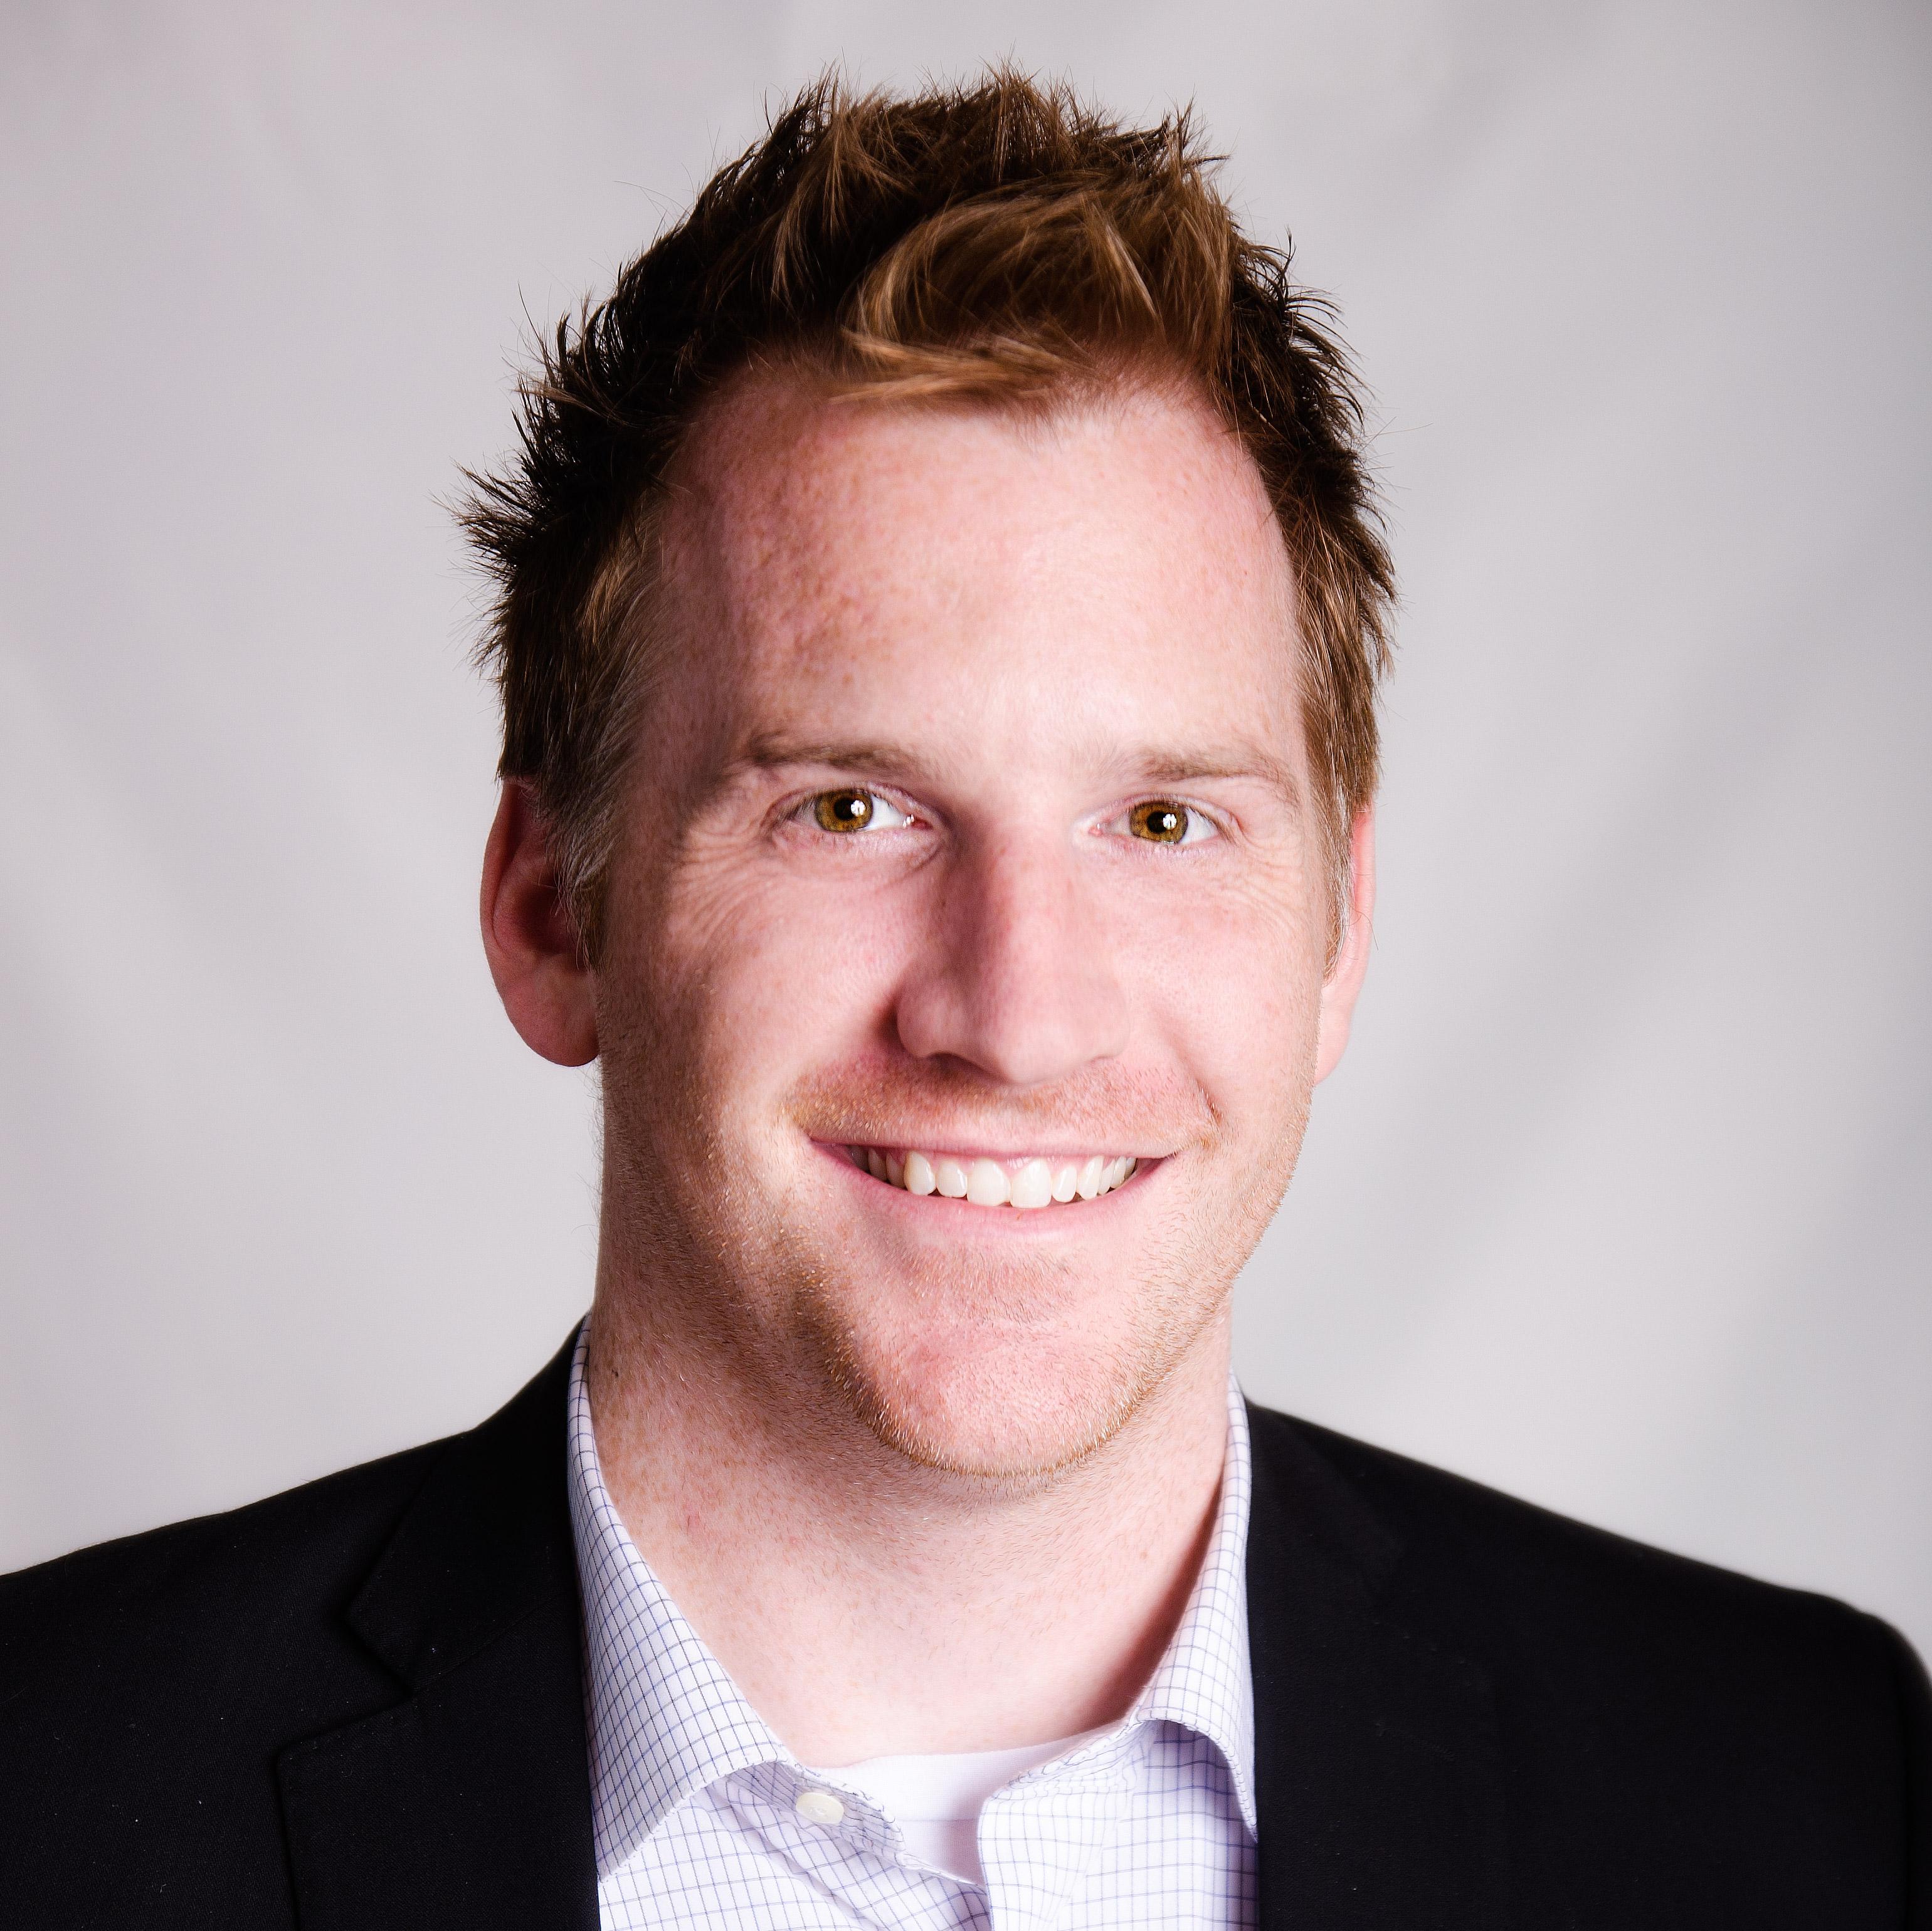 WDT Employee Spotlight - Jordan Rousseau